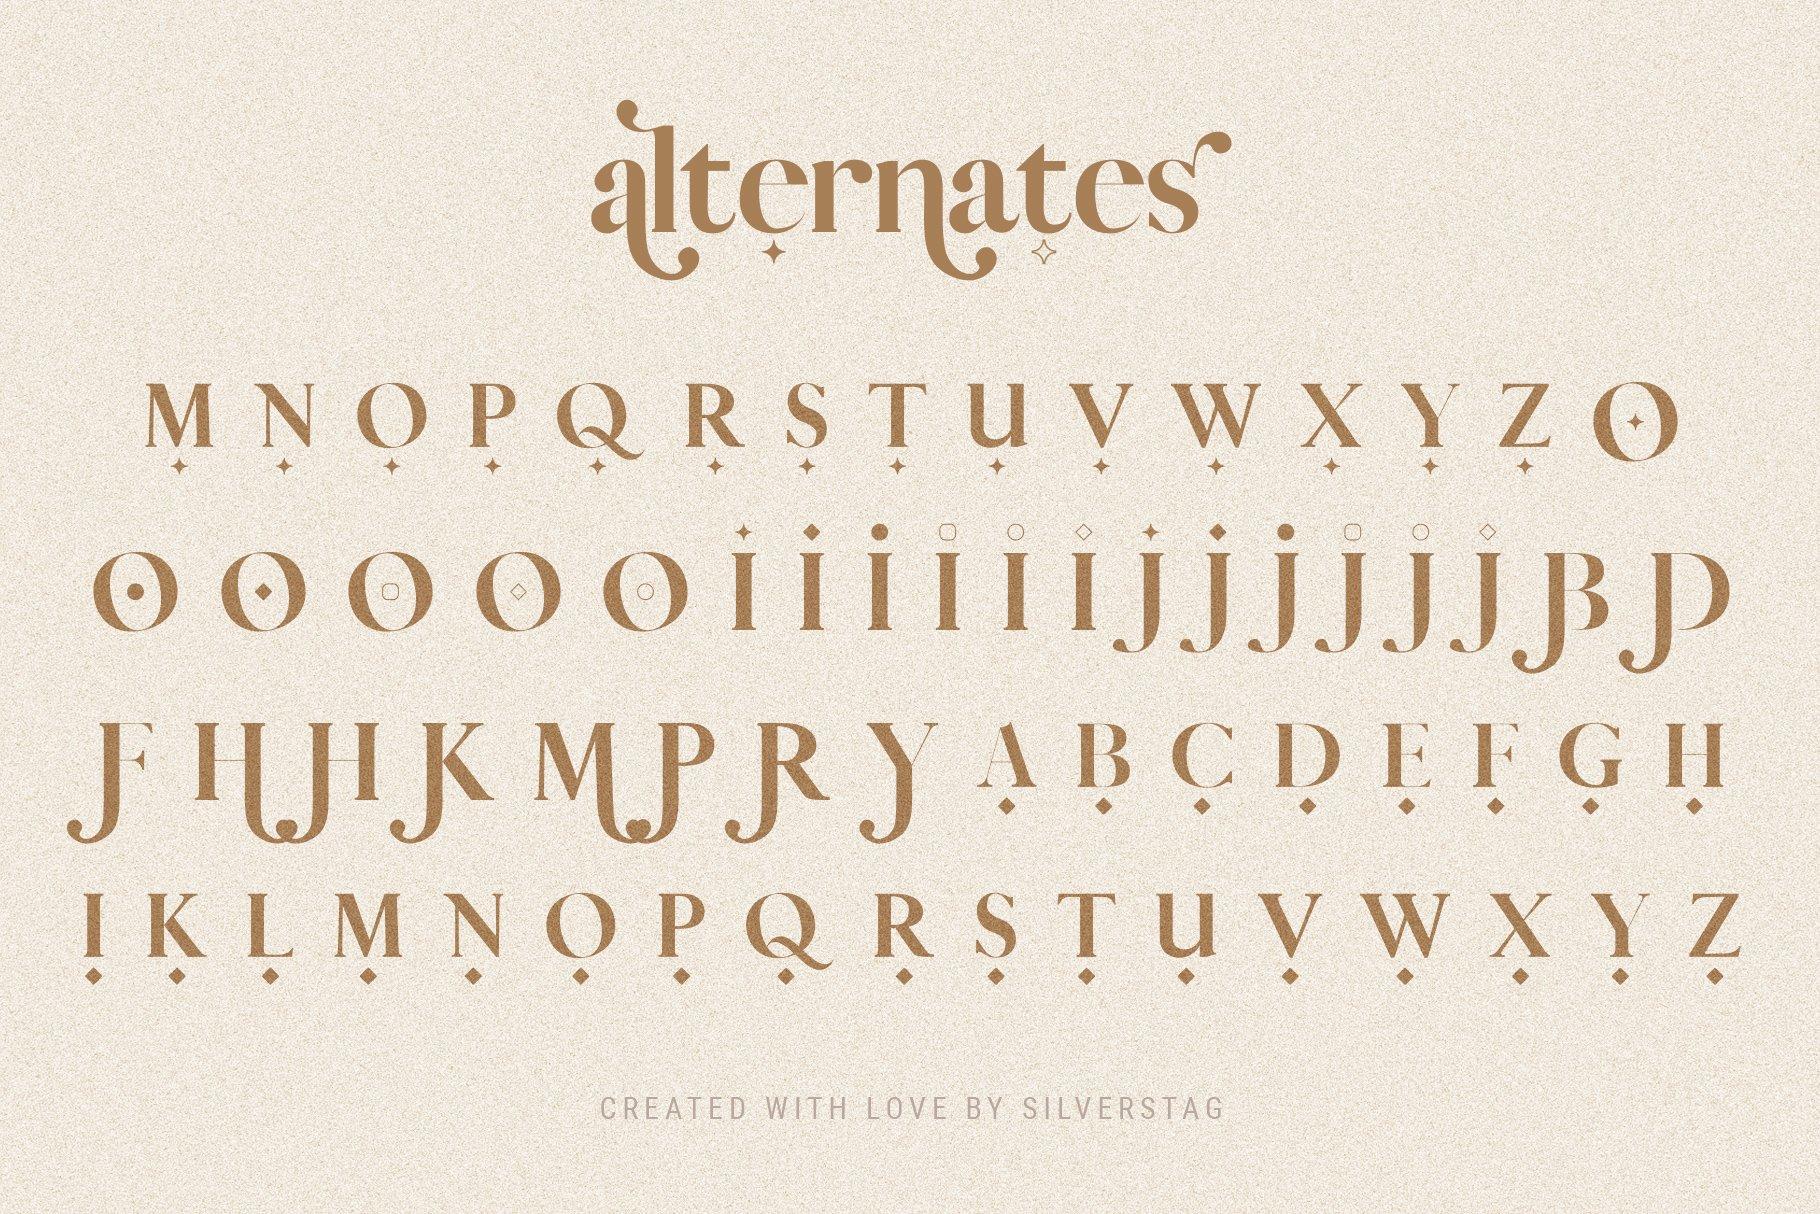 Vicky Christina - Chic & Stylish Ligature Serif Font example image 8